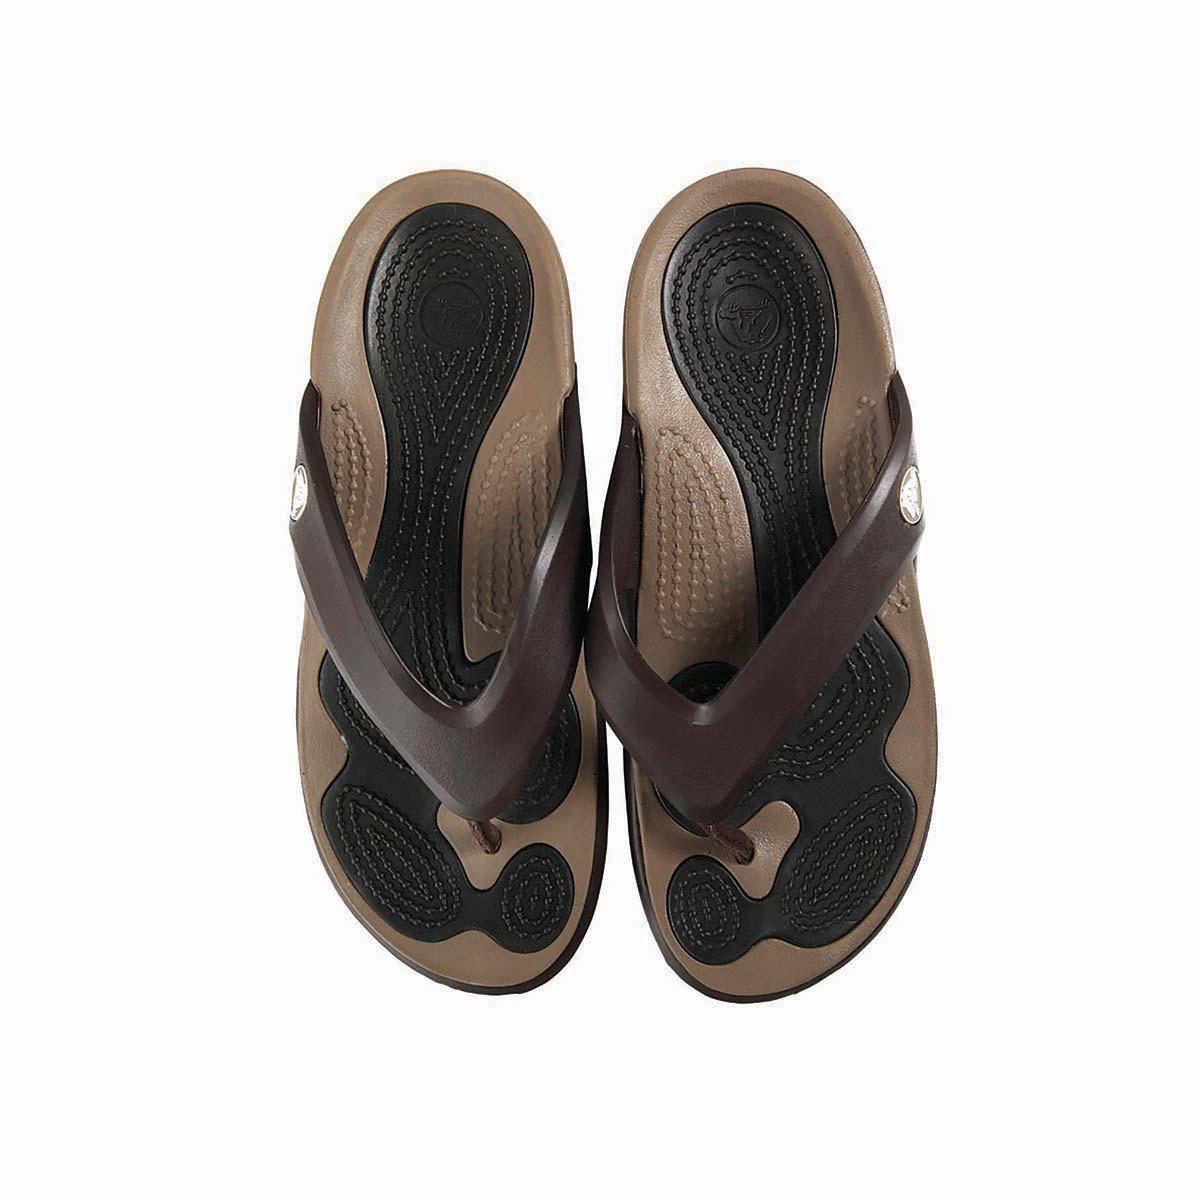 Crocs Flip Flops Men | Crocs Flip Sandals | Crocs Modi Flip Flop